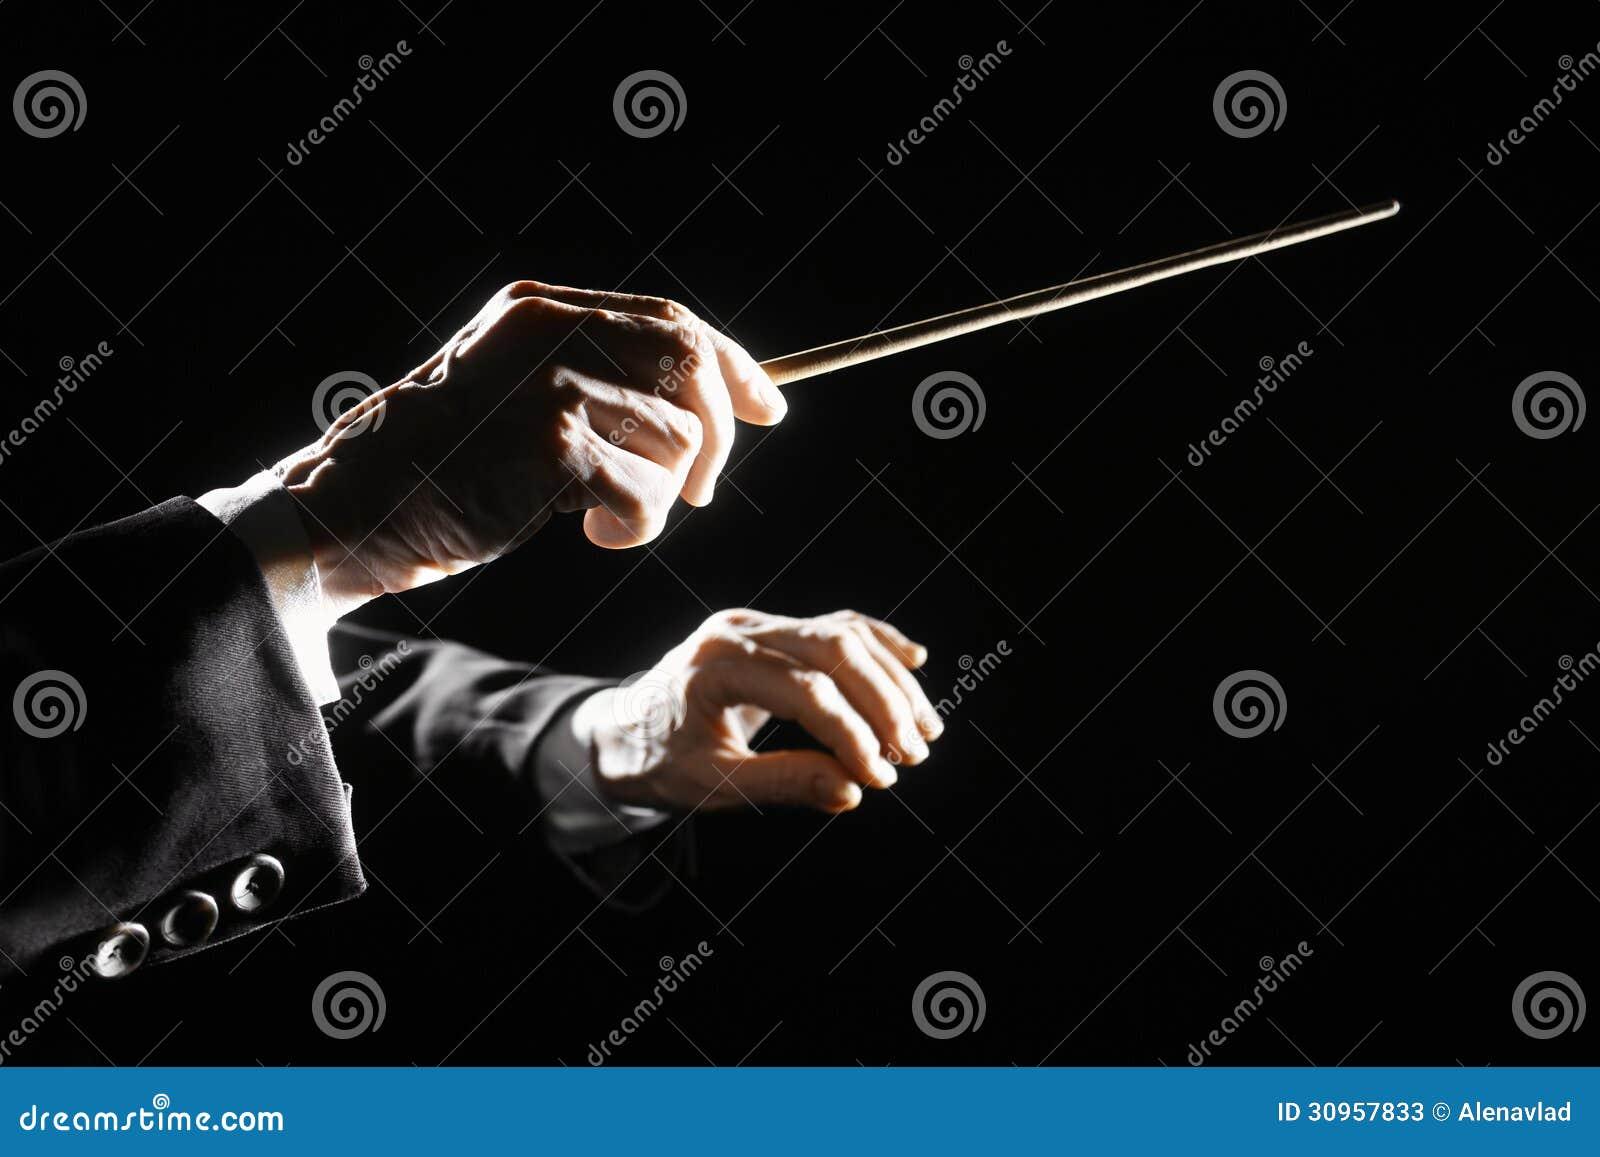 De handenknuppel van de orkestleider